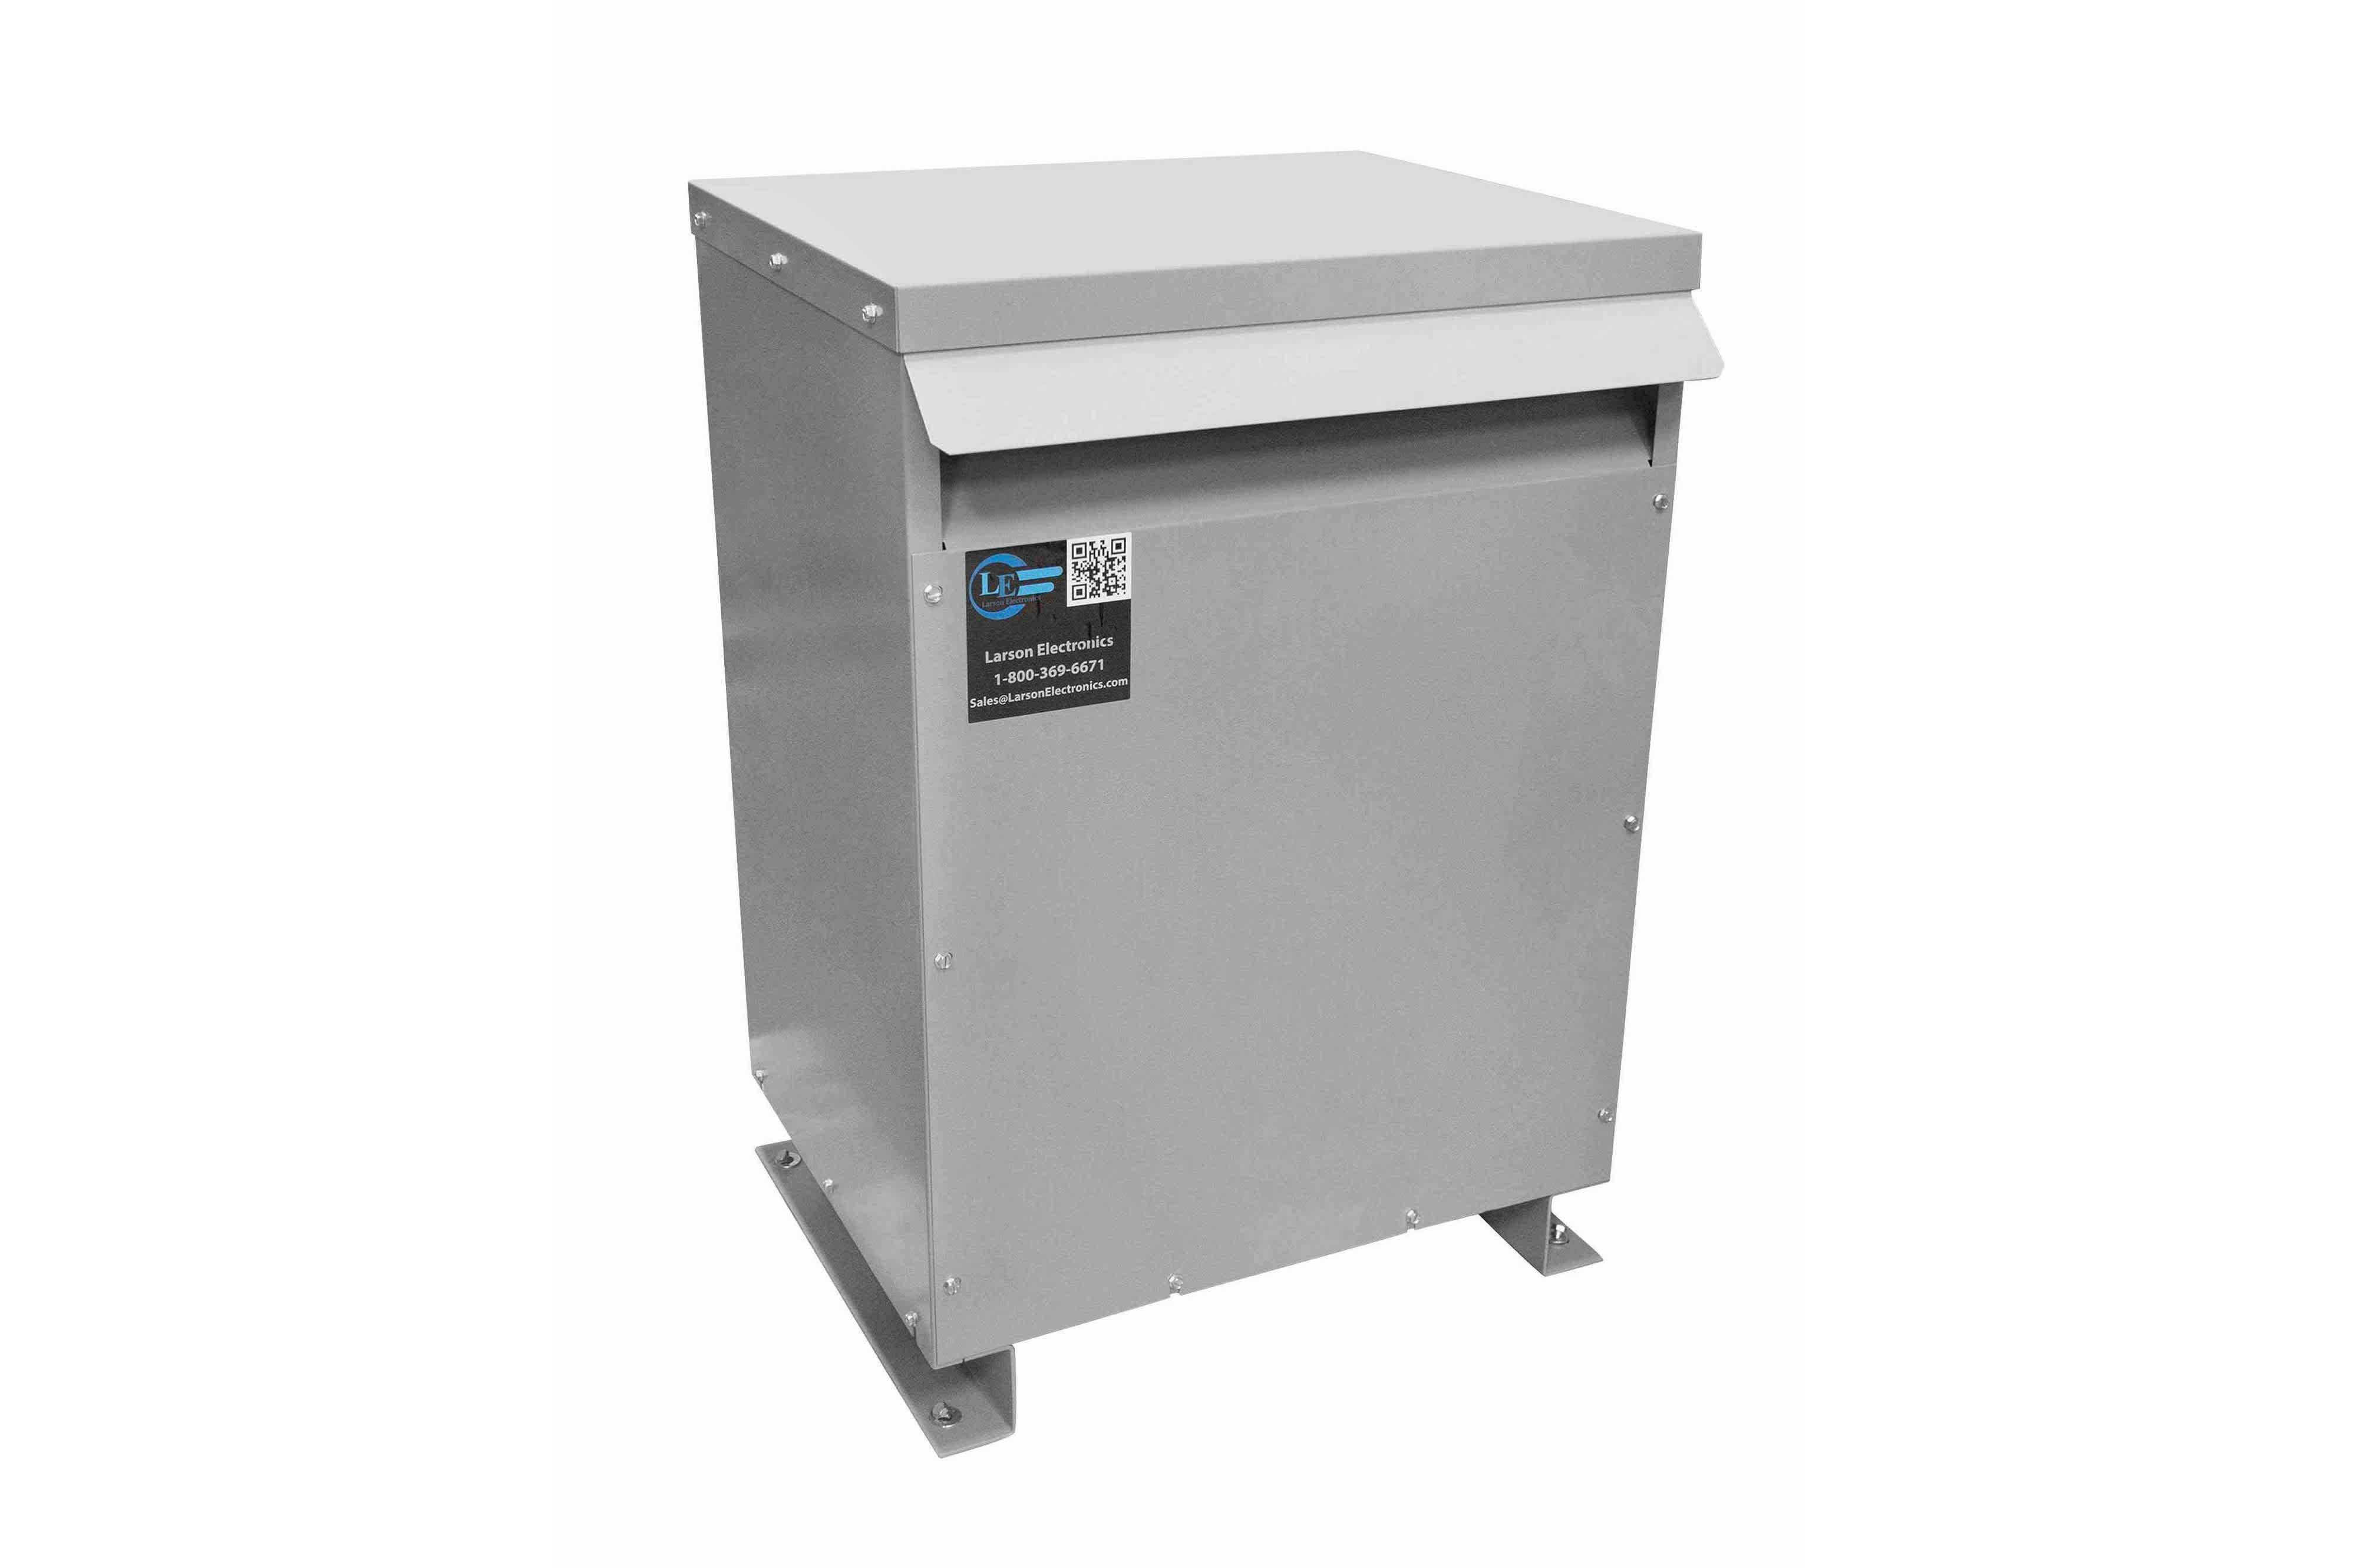 900 kVA 3PH Isolation Transformer, 208V Delta Primary, 415V Delta Secondary, N3R, Ventilated, 60 Hz